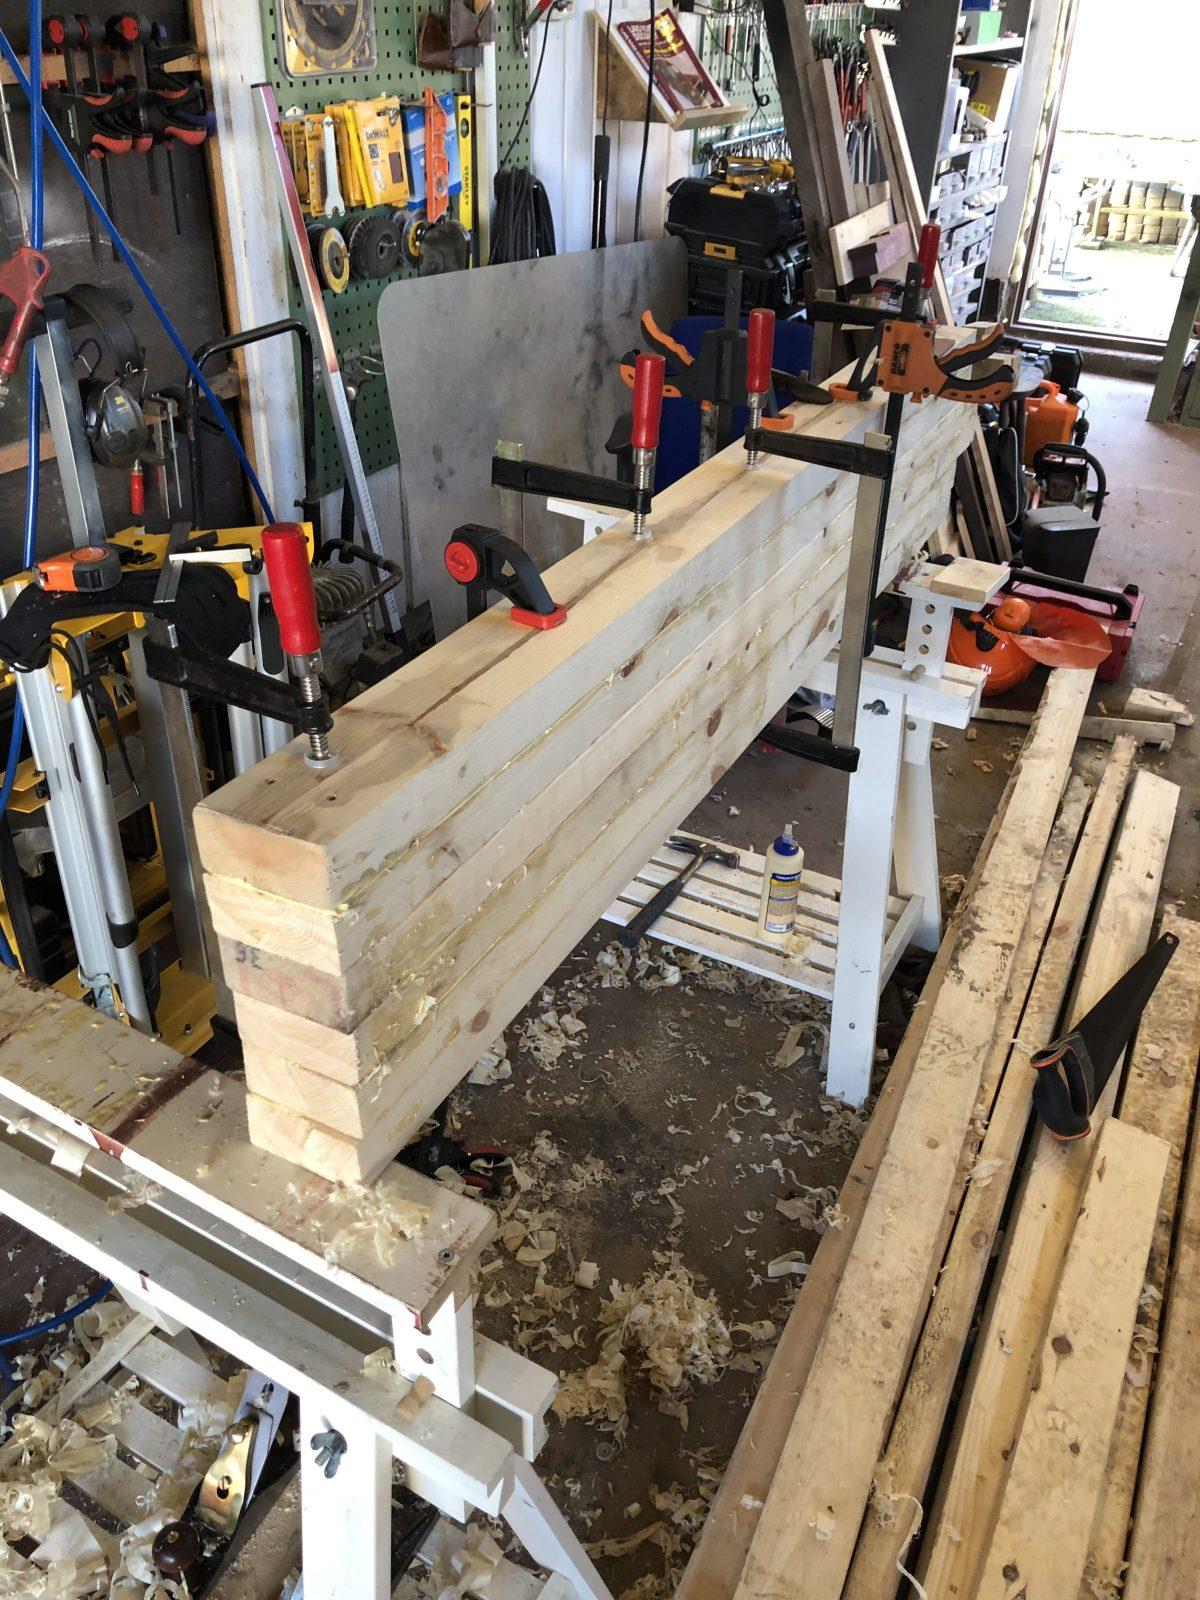 Workbench-in-progress by Bjarne Moen